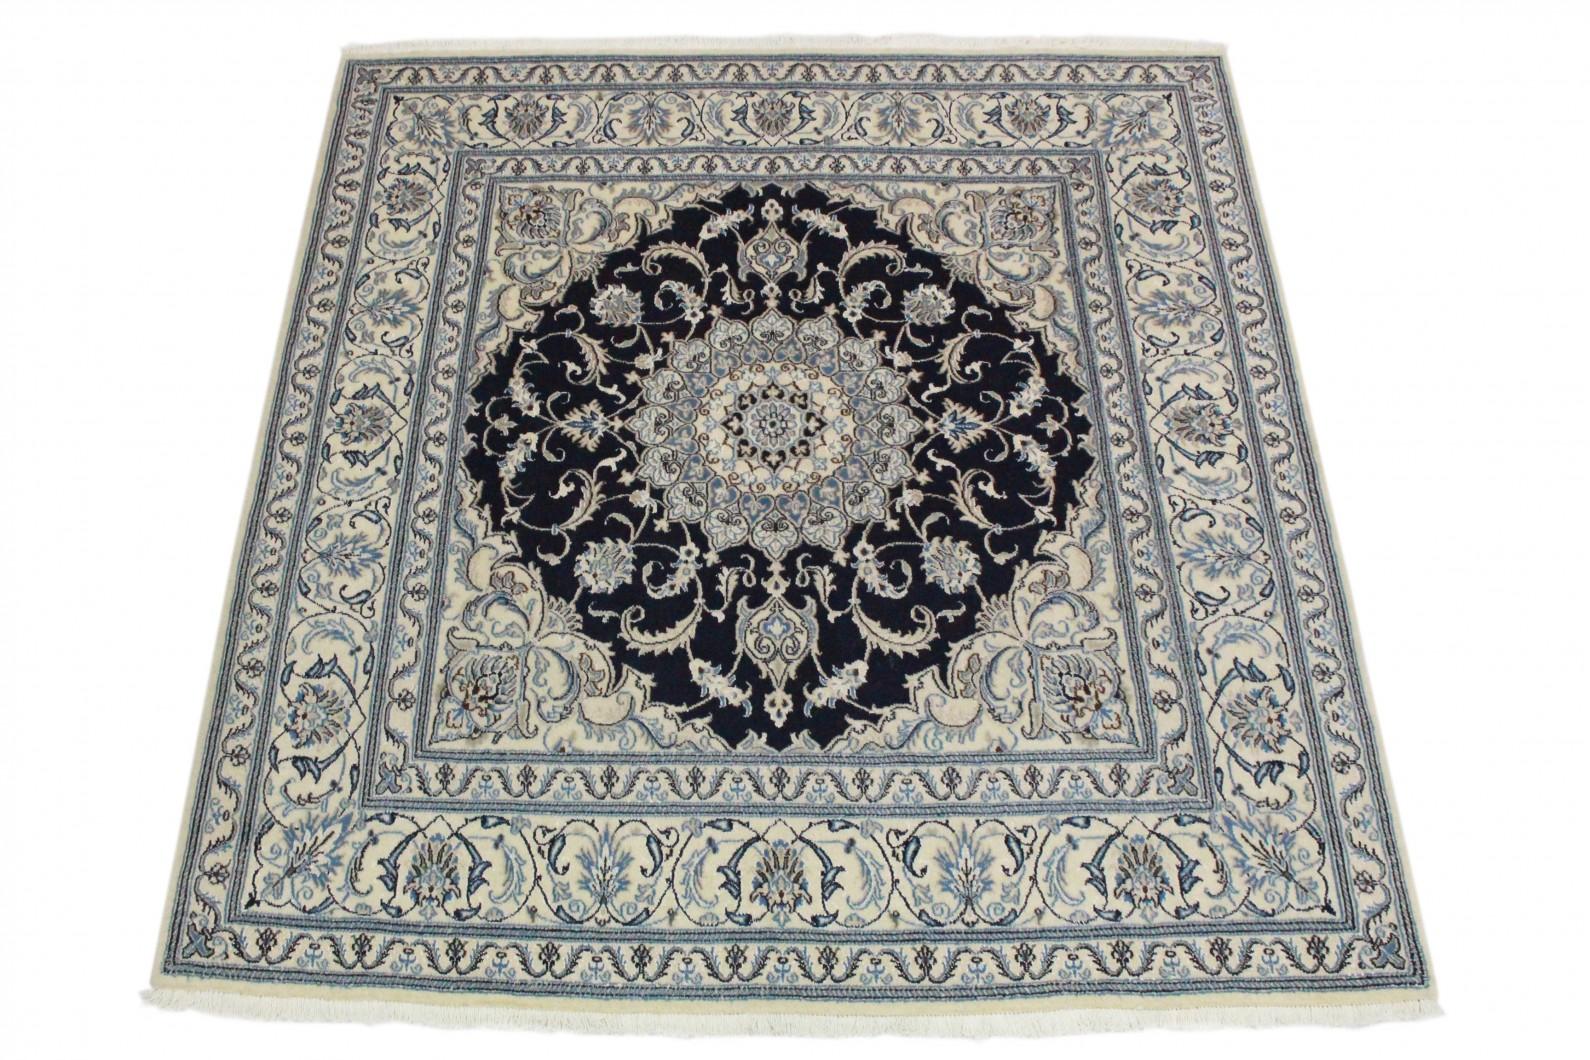 Nain Teppich Beige Blau in 210x190 (1 / 4)